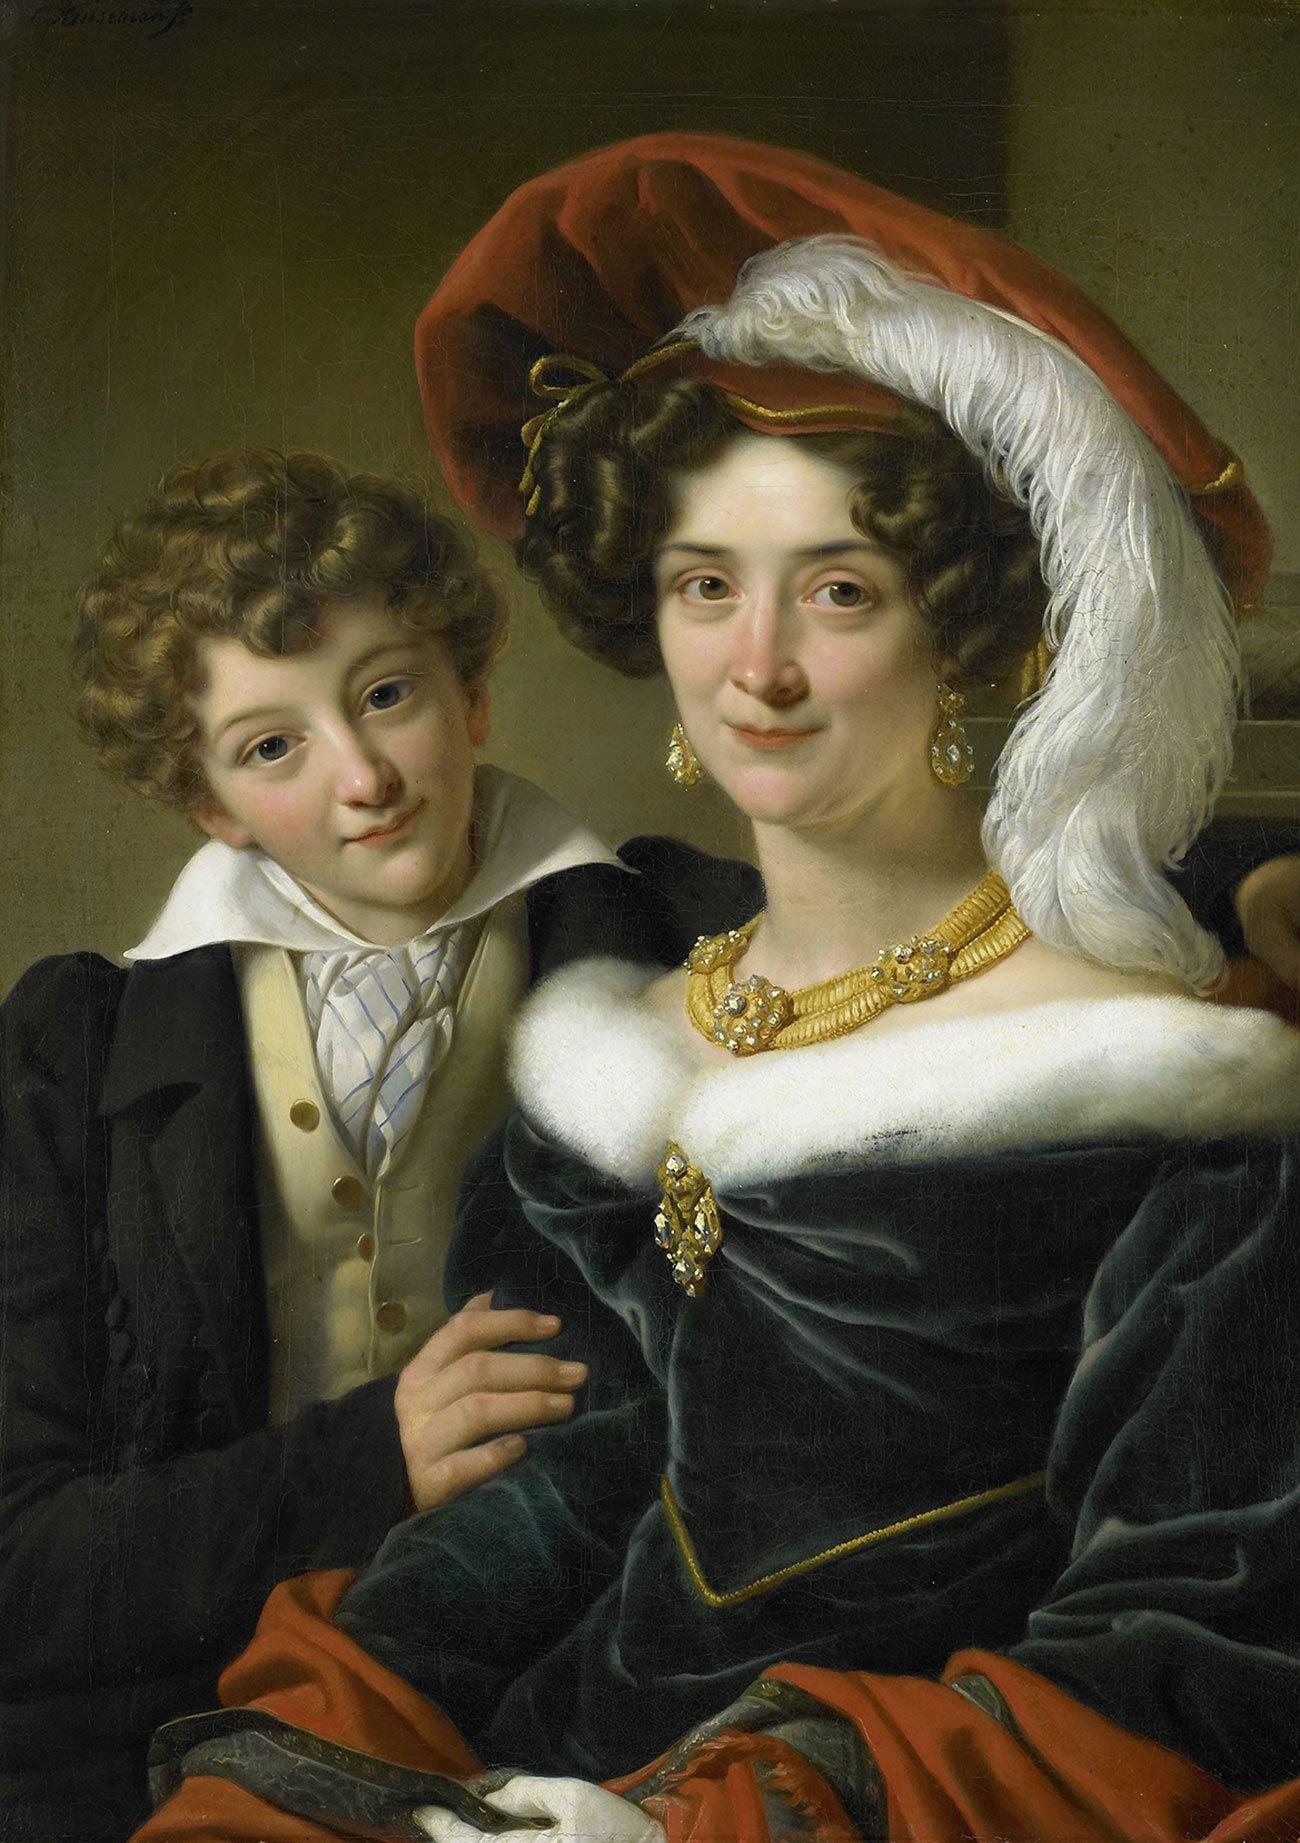 vrouw met bontkraag portret huisdier origineel 1